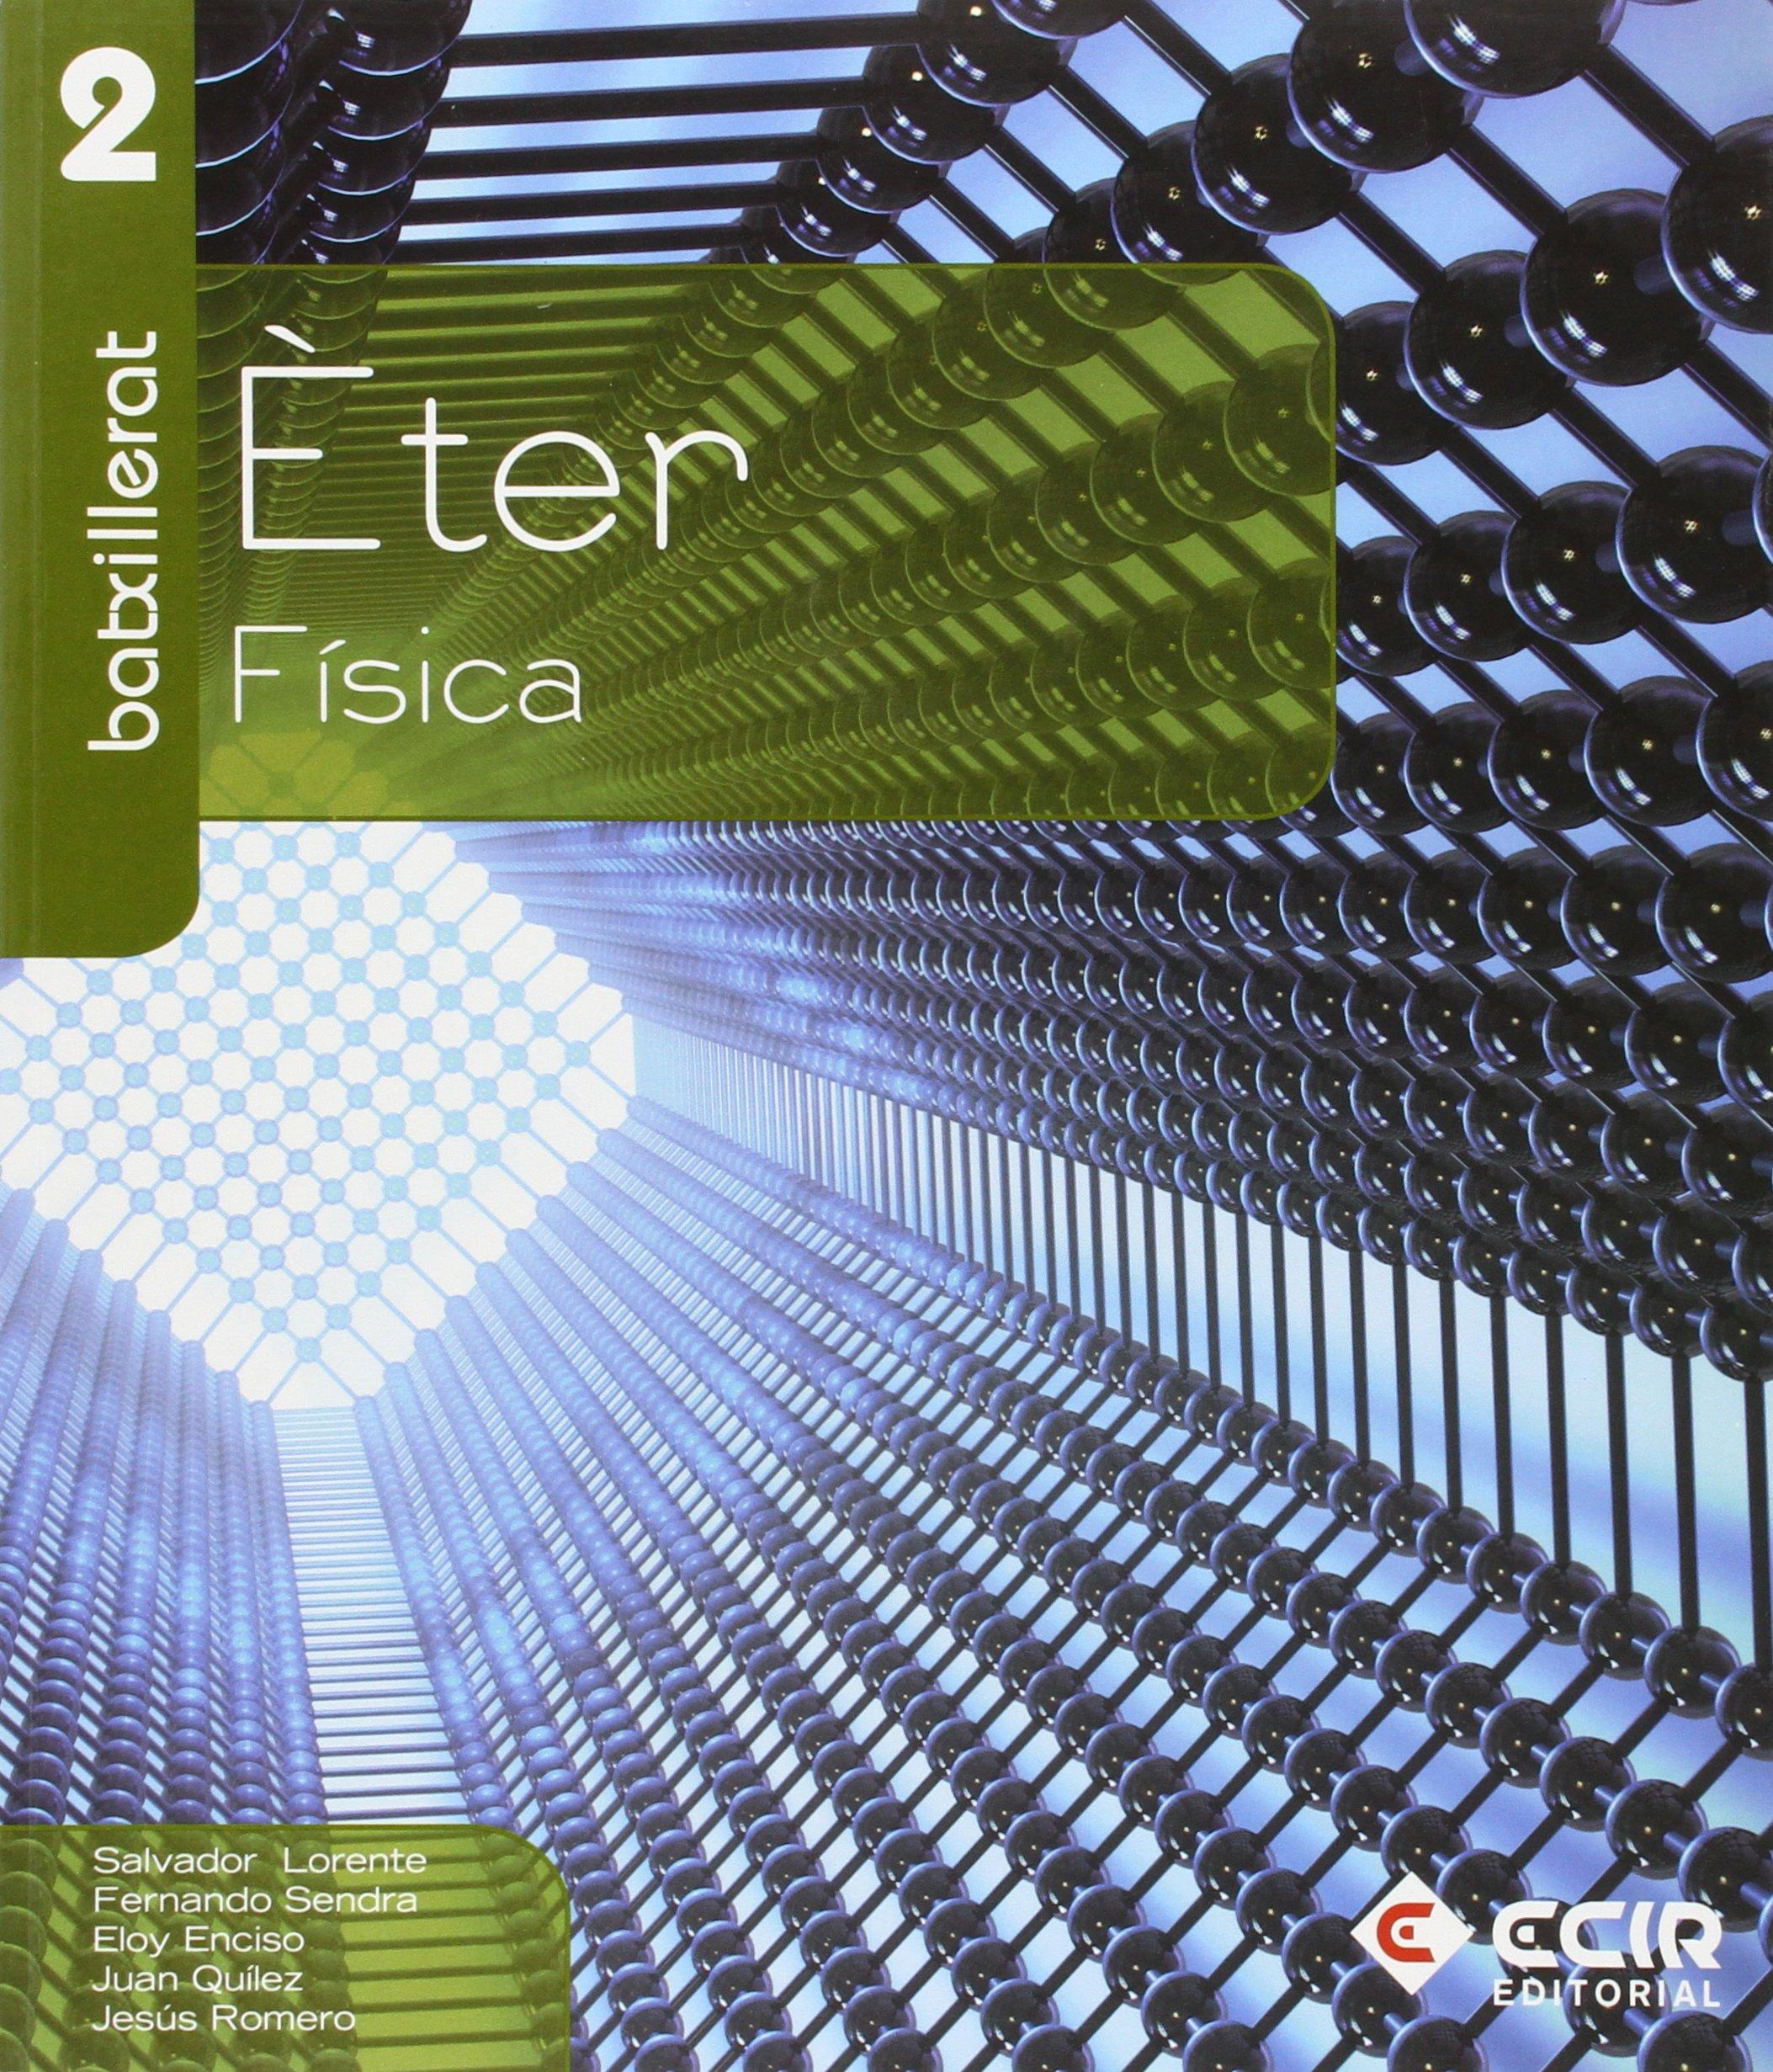 Fisica 2n Batxillerat / 2009 - Valencià - 9788498264777: Amazon.es: Enciso Orellana, Eloy: Libros en idiomas extranjeros